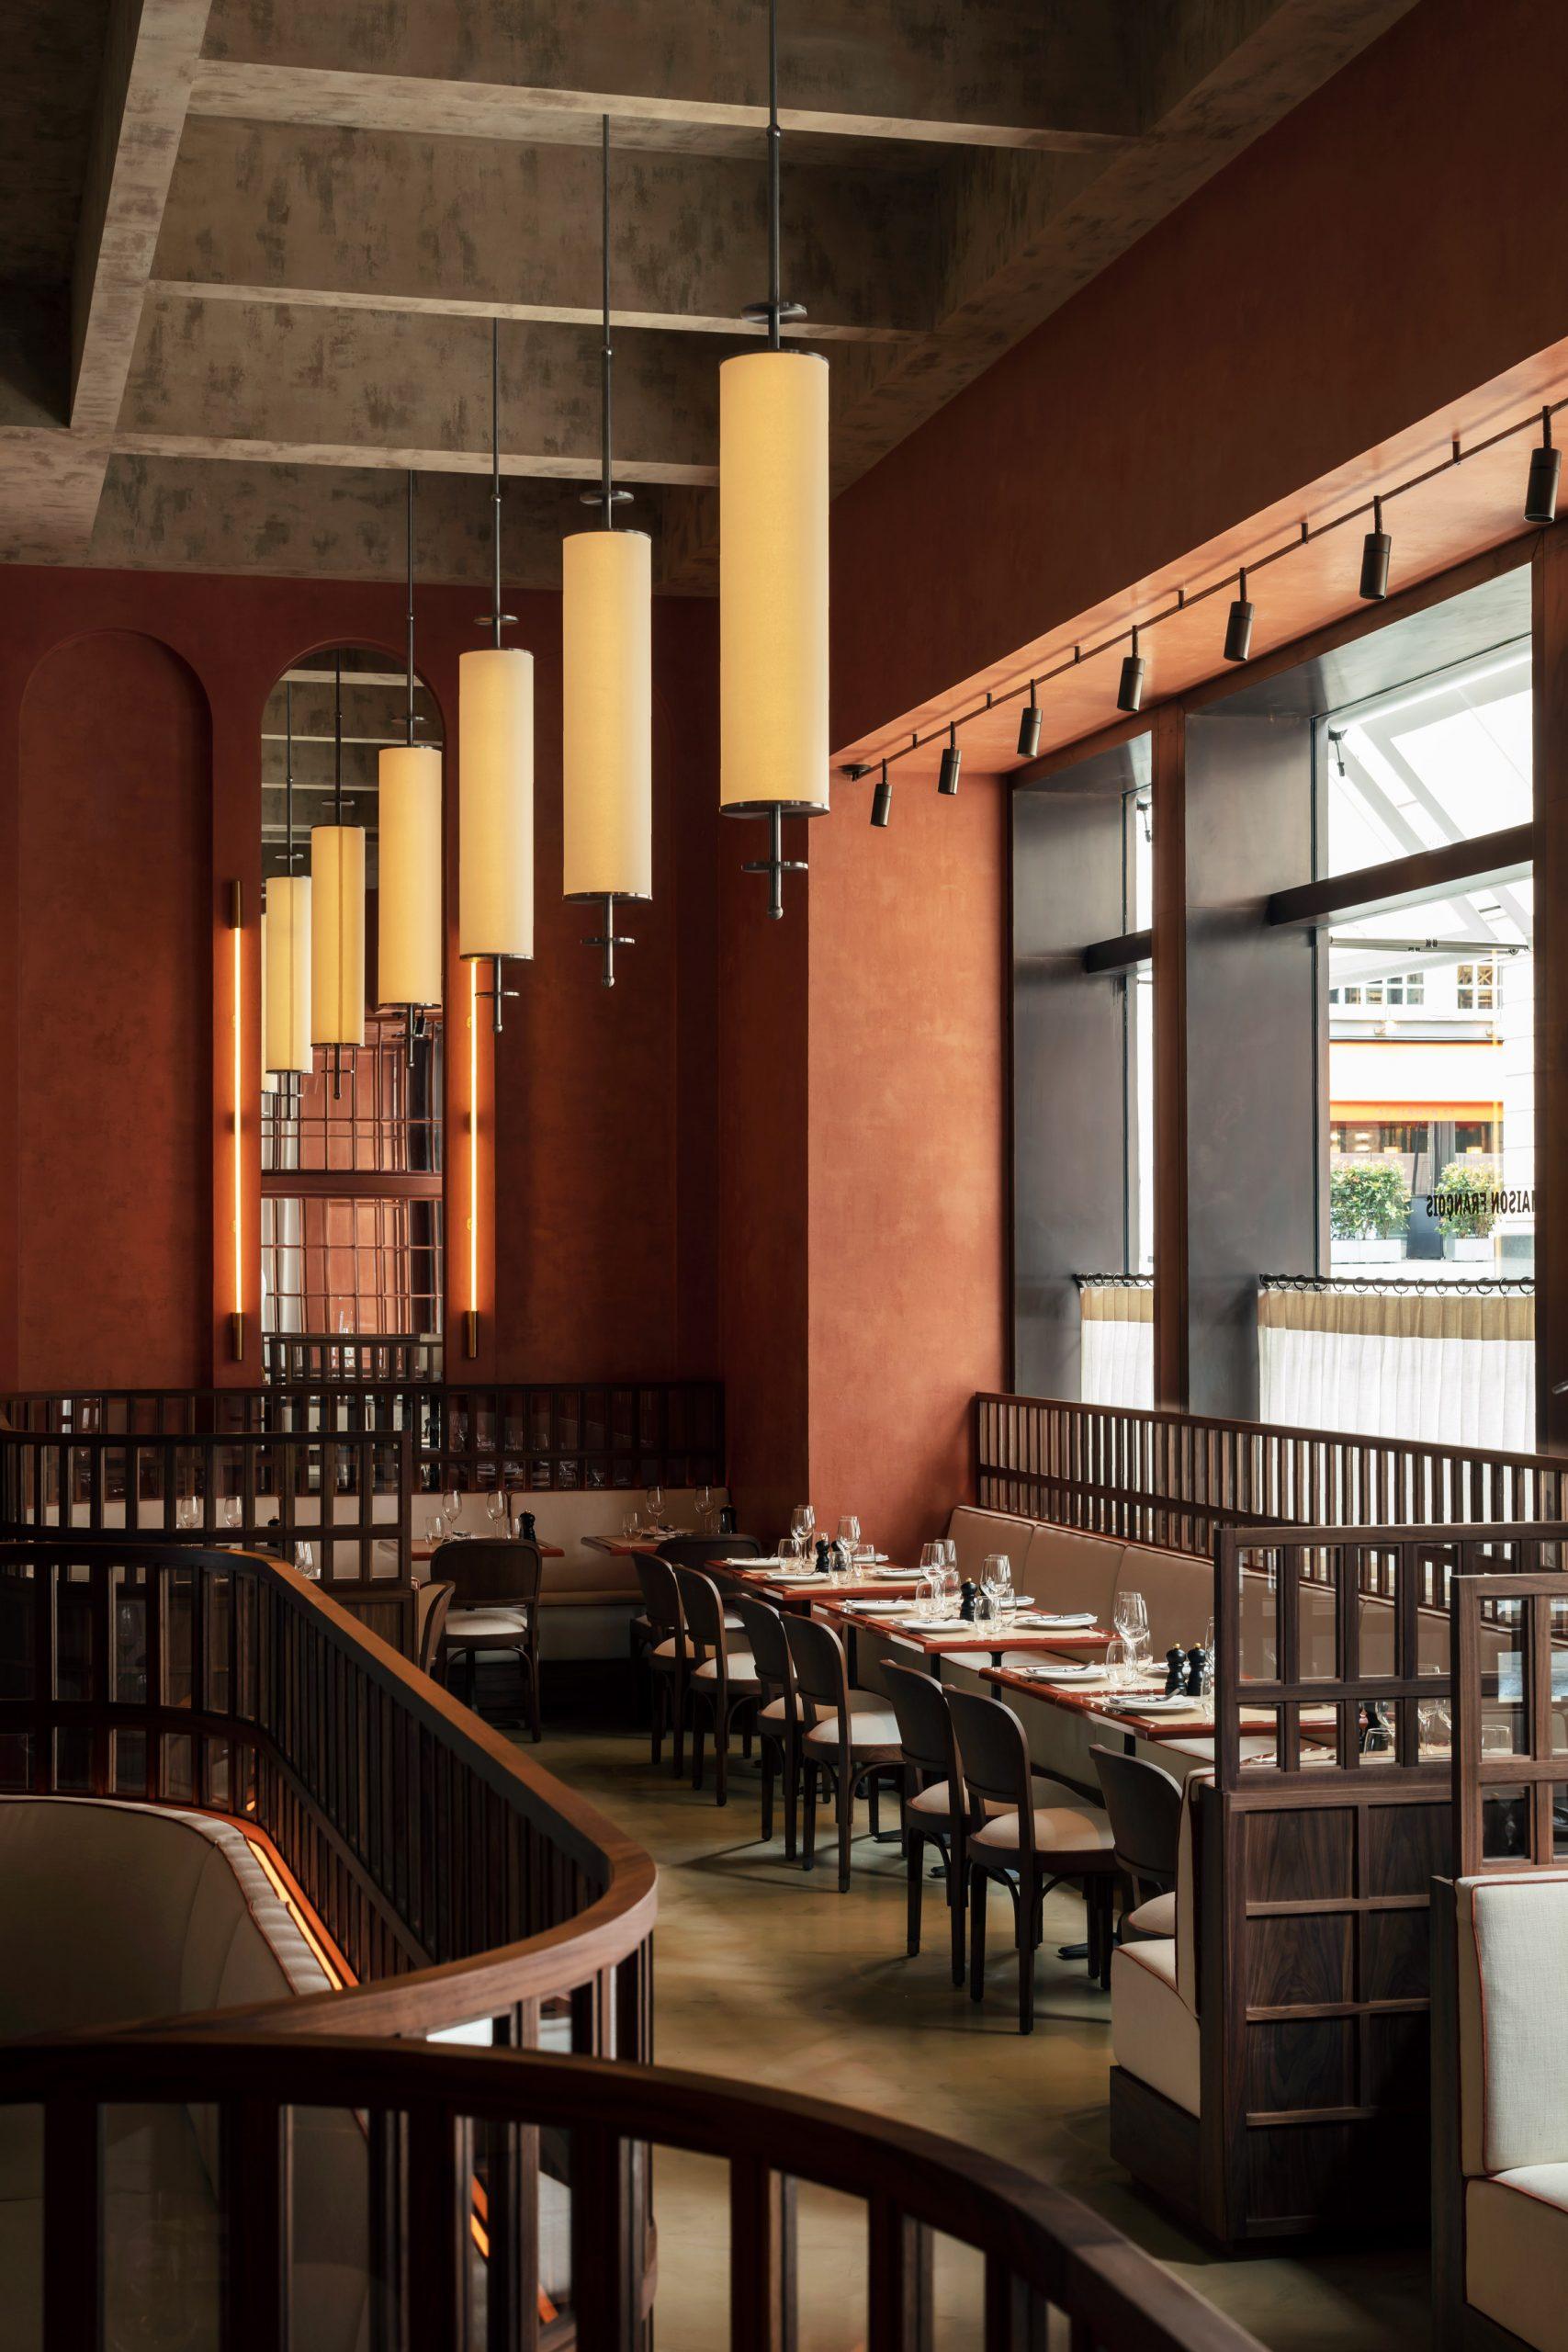 Maison François restaurant designed by John Whelan